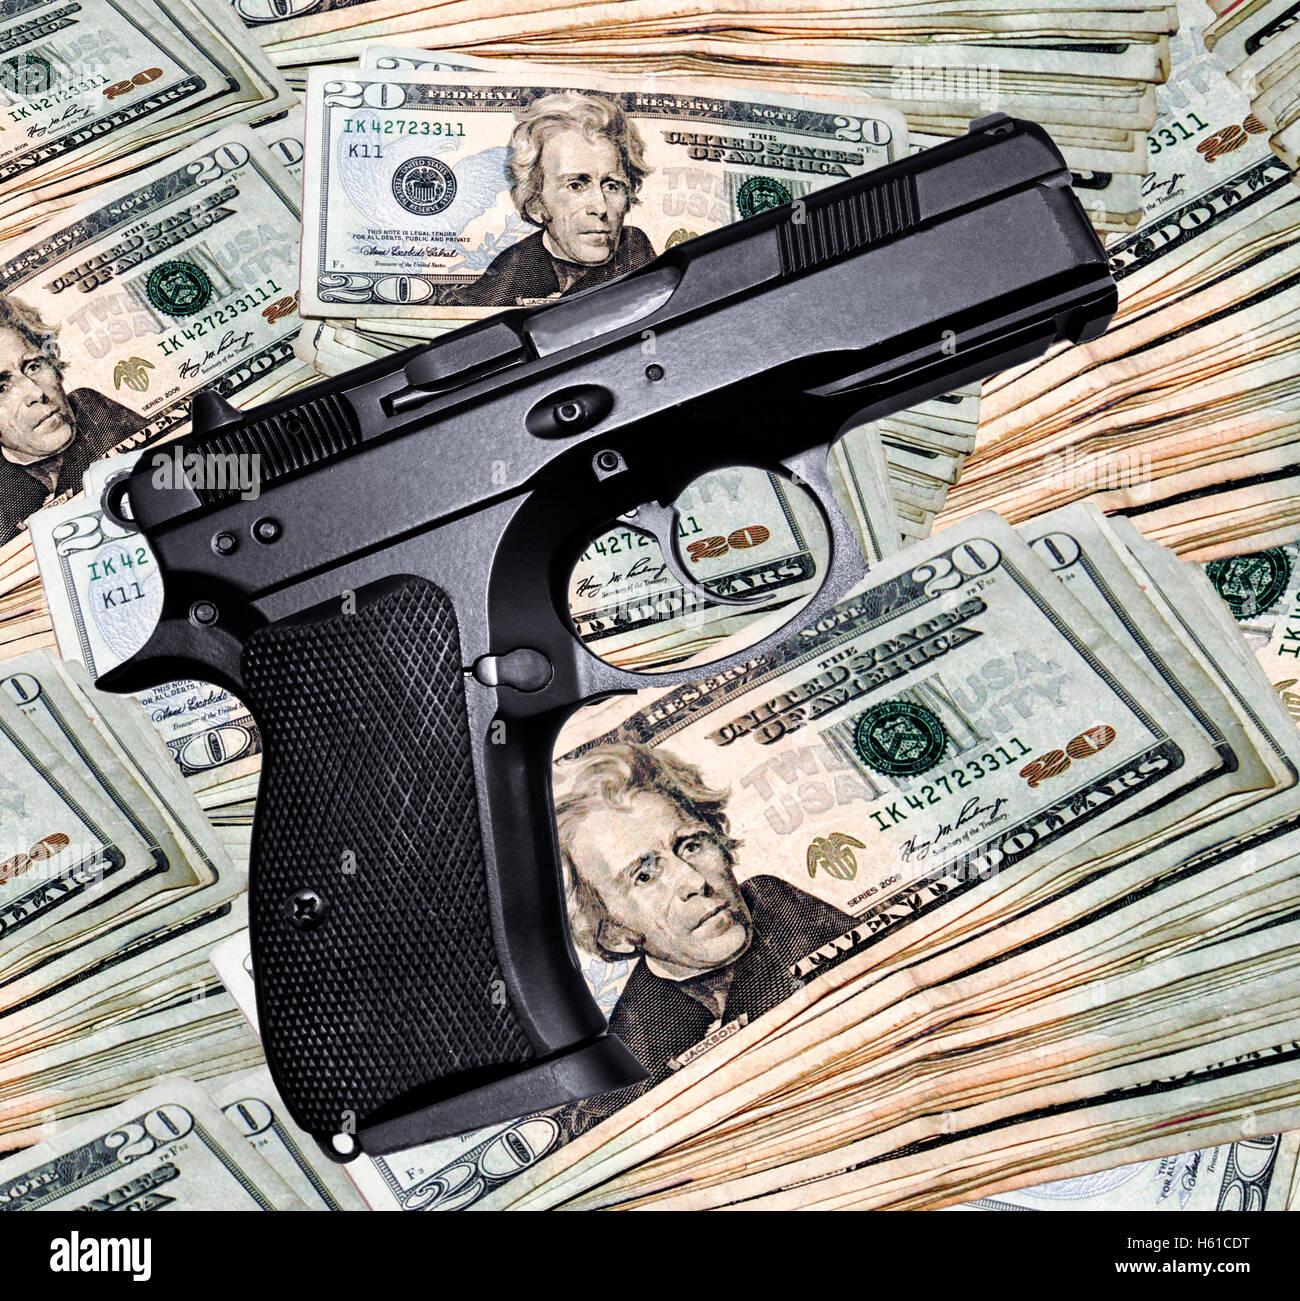 Handgun & Money - Stock Image